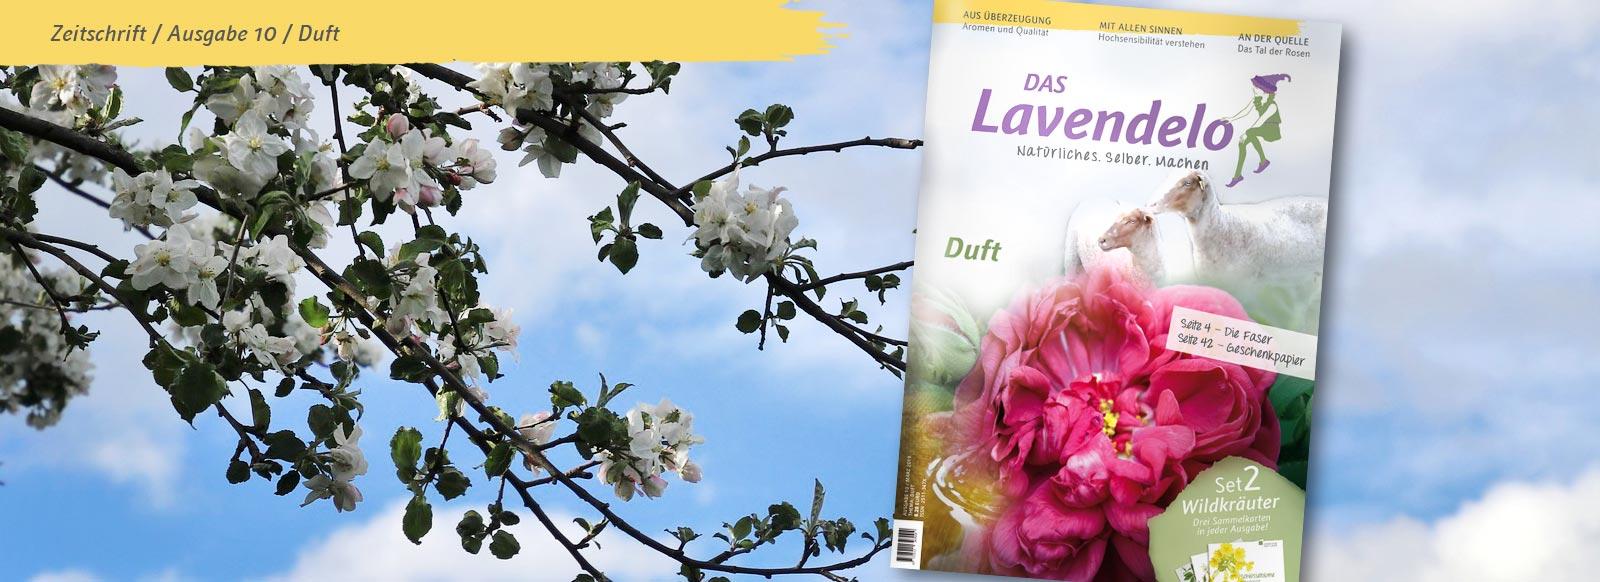 """Banner Lavendelo Ausgabe 10 """"Duft"""""""